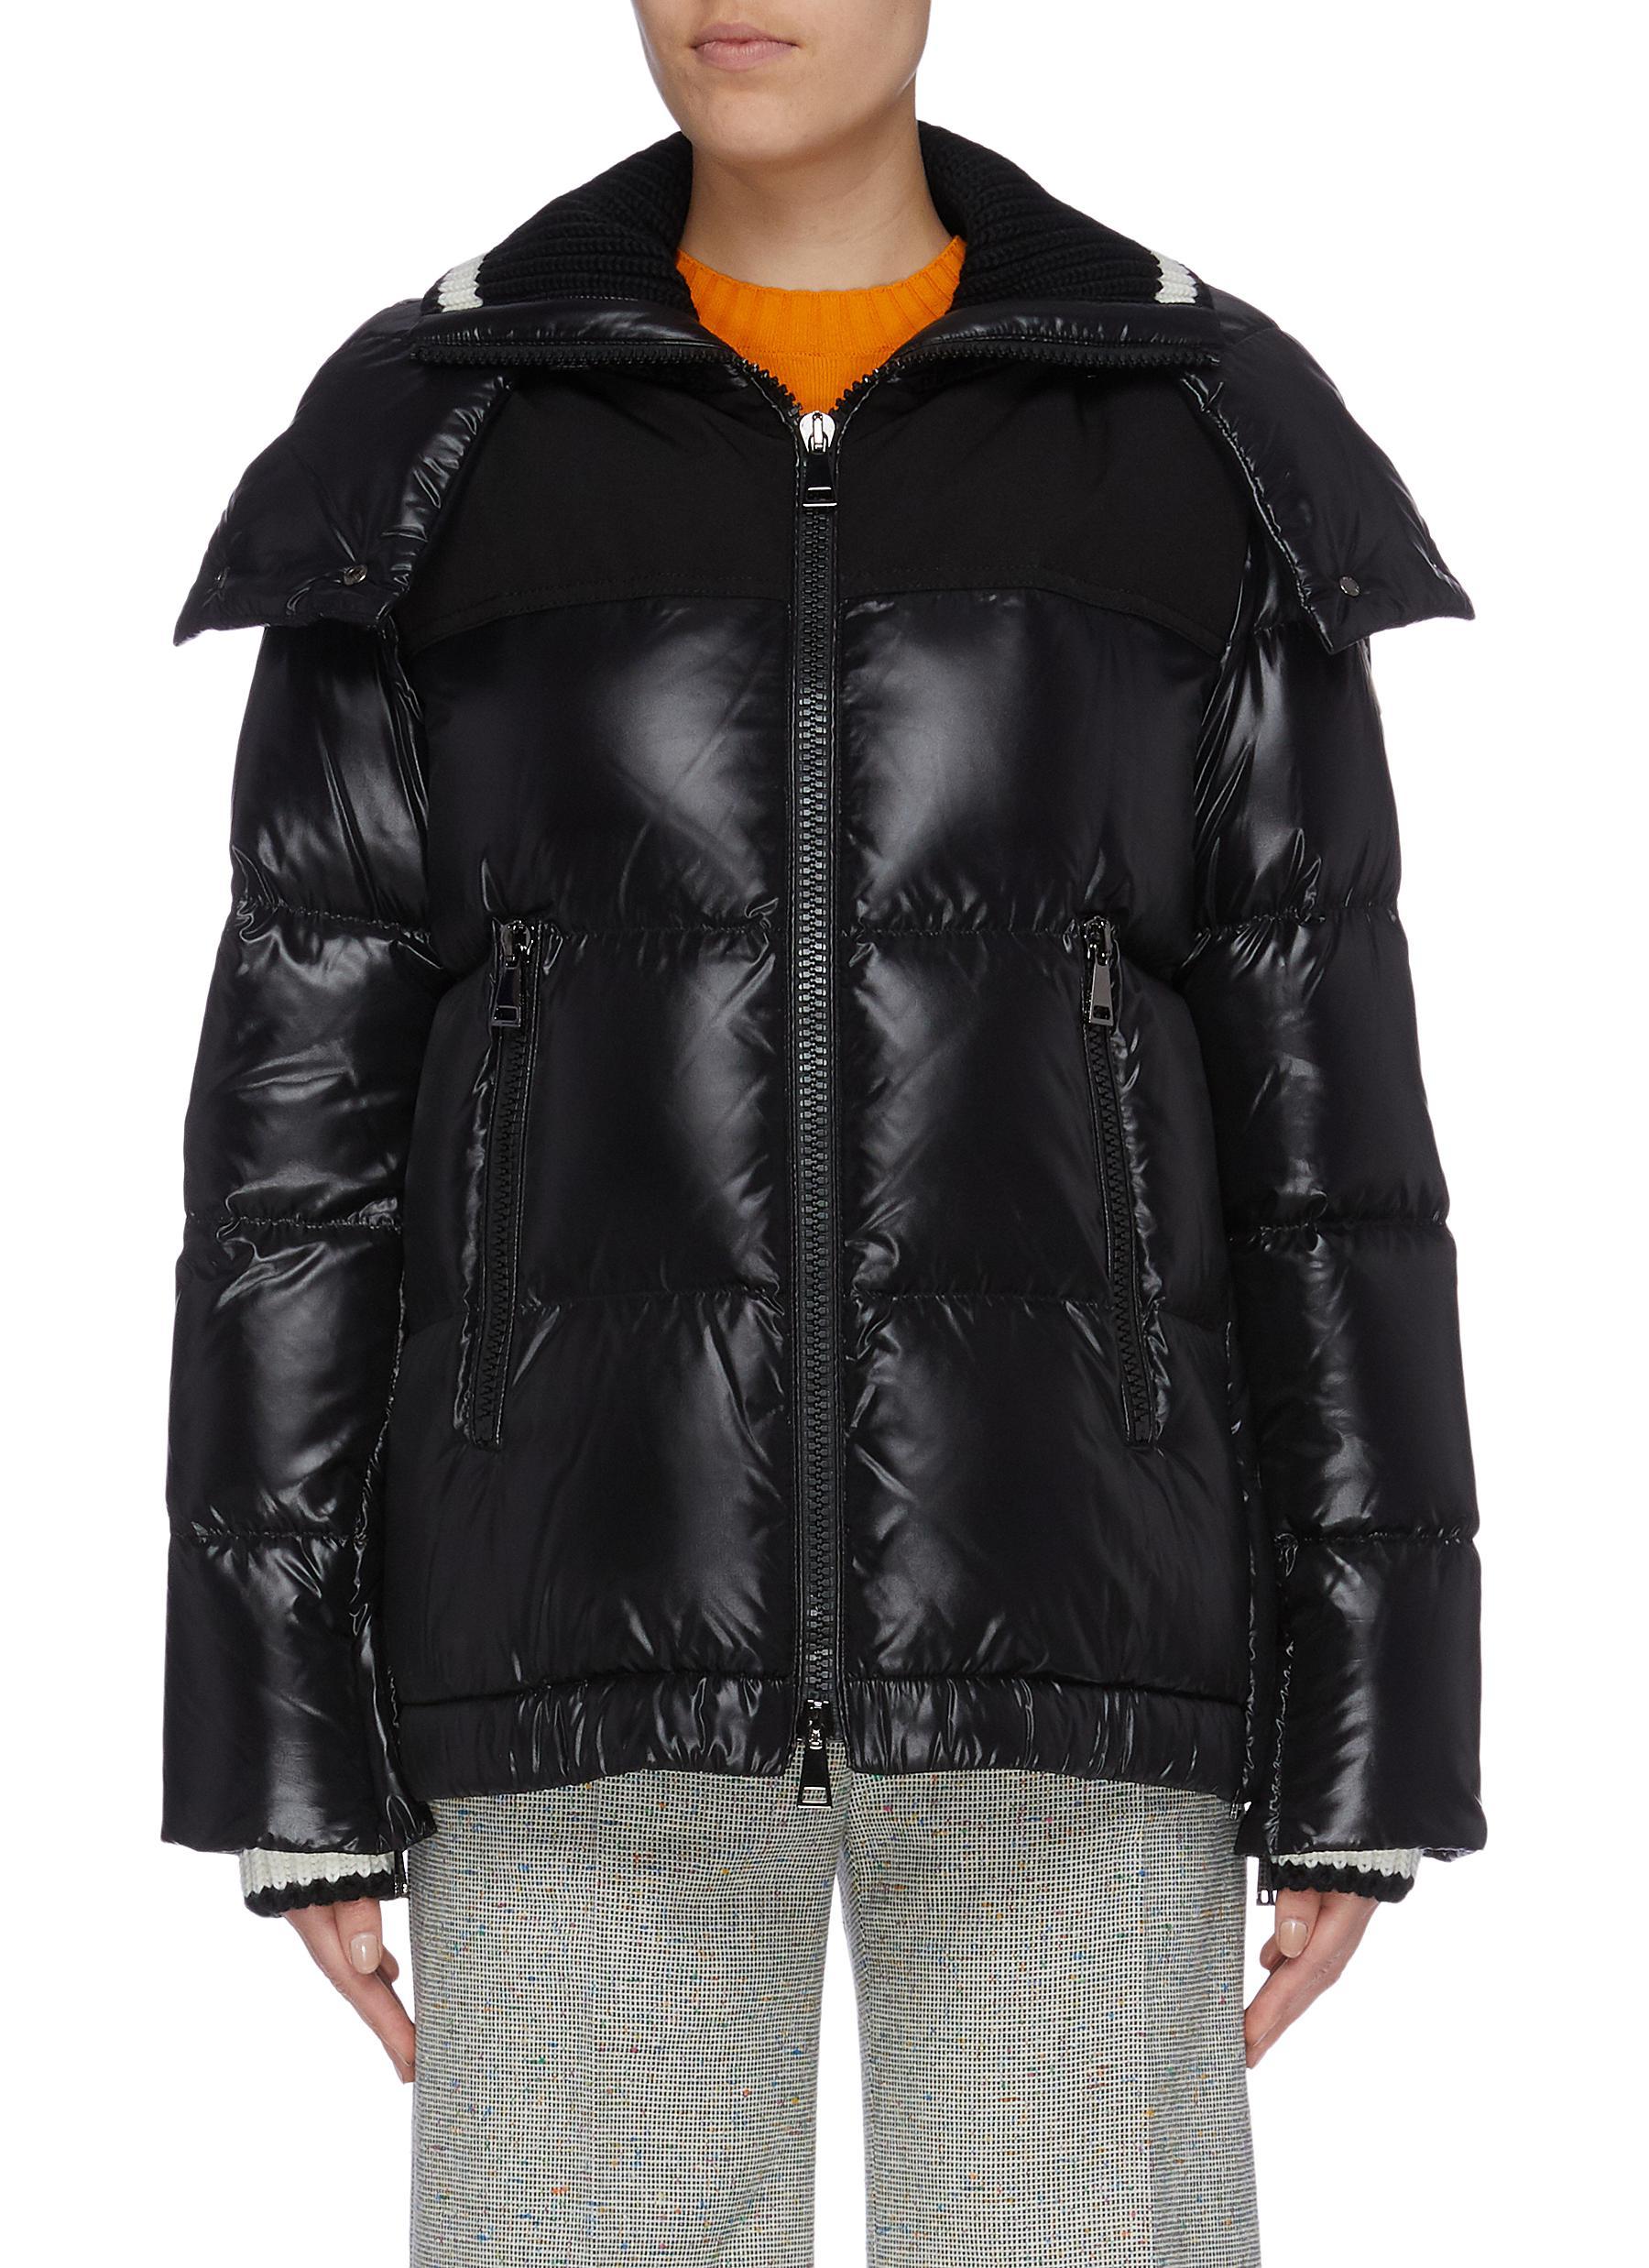 Buy Moncler Jackets 'Wouri' rib knit collar down puffer jacket